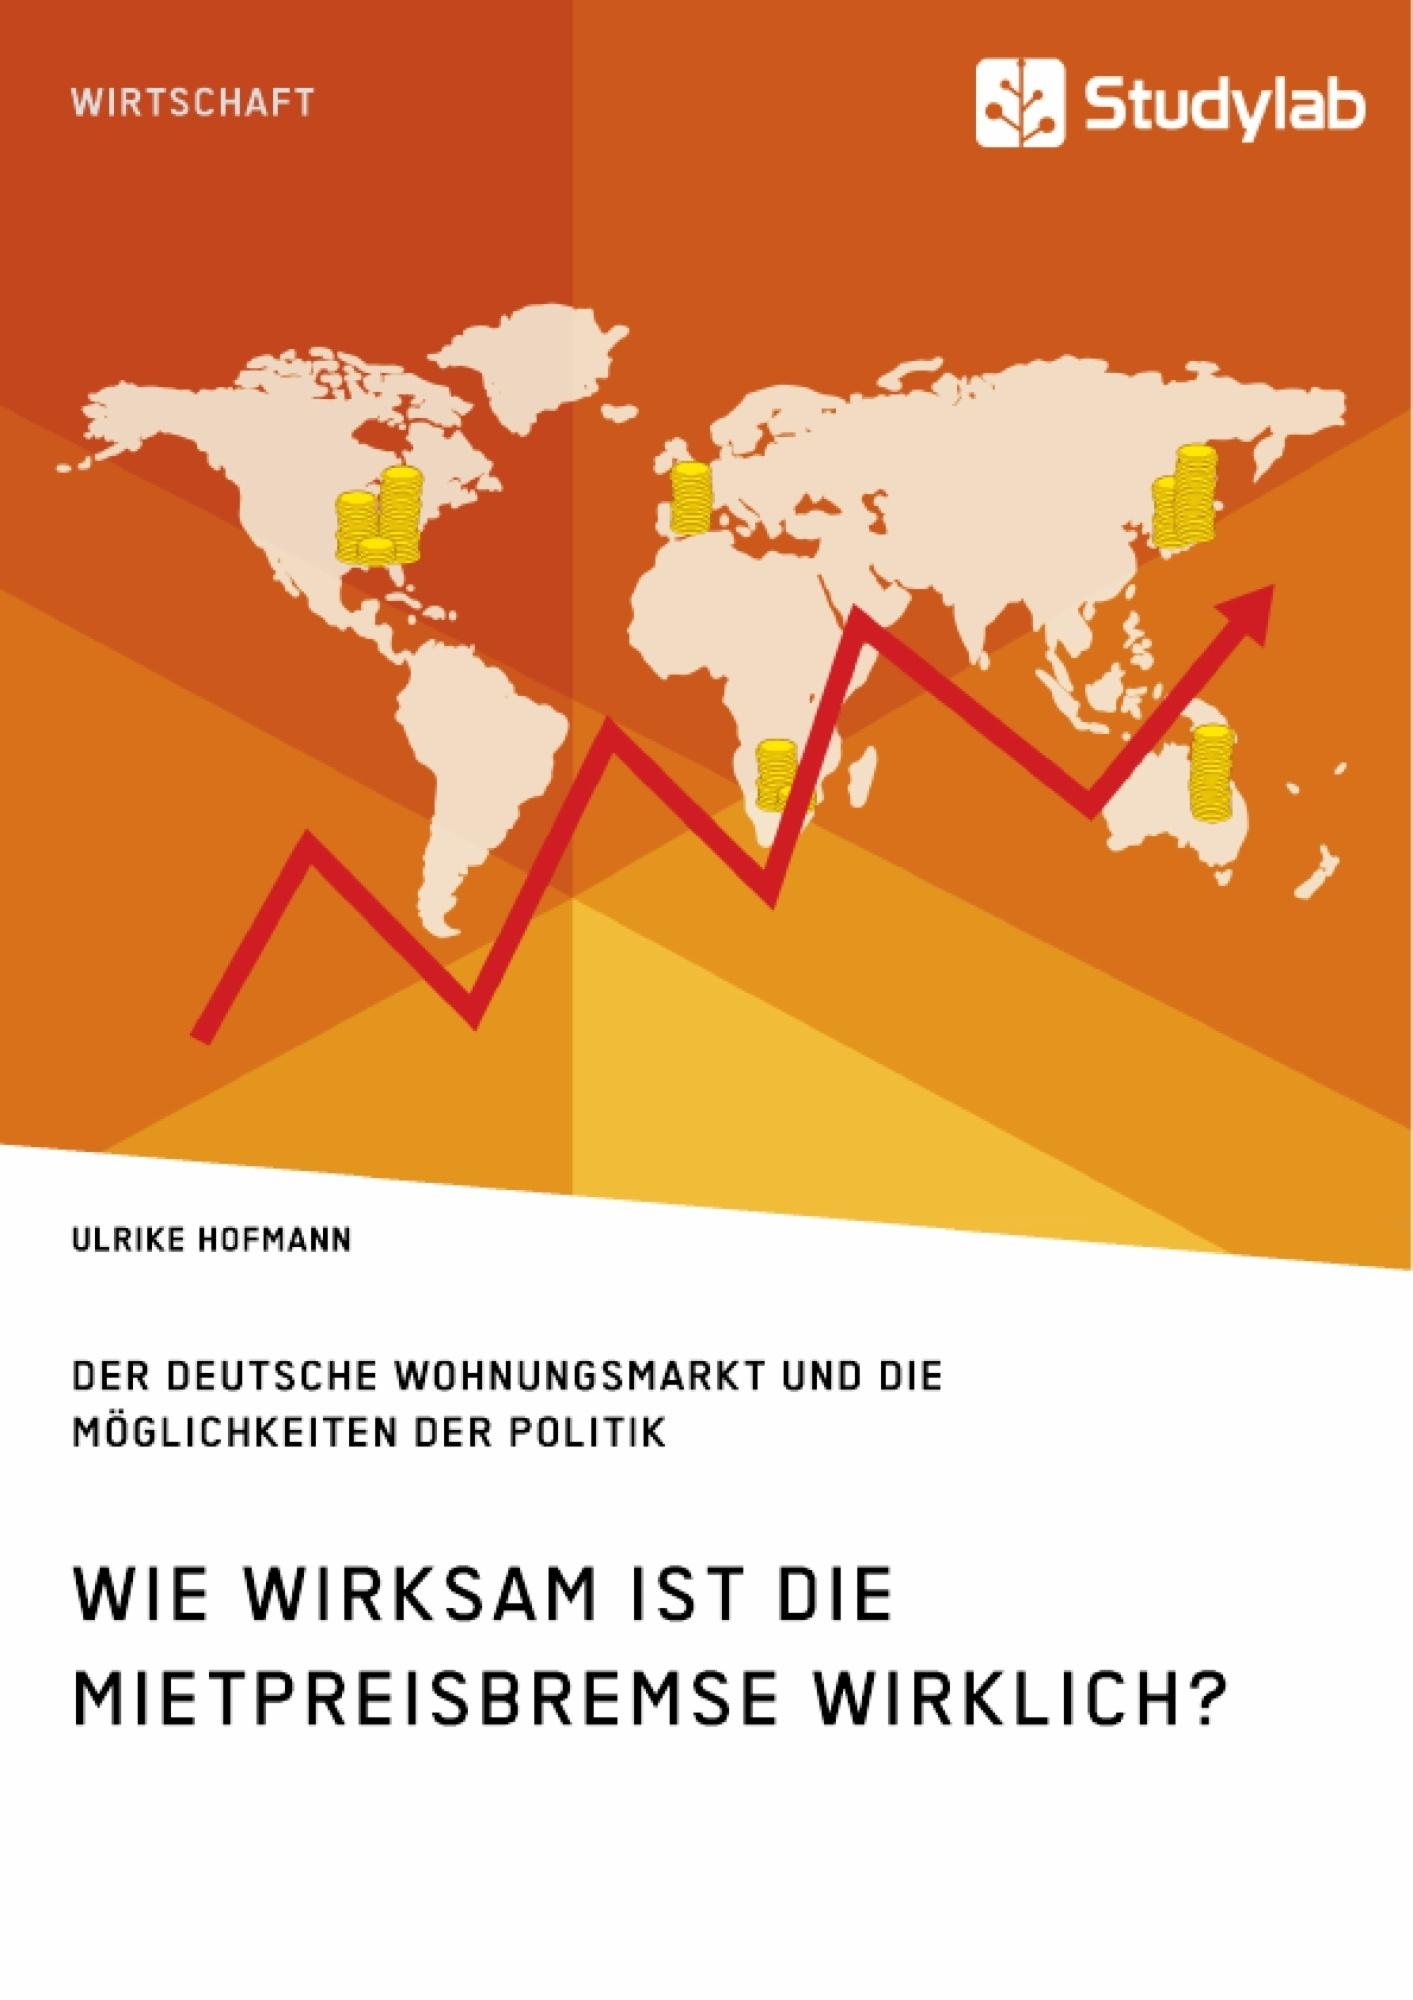 Titel: Wie wirksam ist die Mietpreisbremse wirklich? Der deutsche Wohnungsmarkt und die Möglichkeiten der Politik